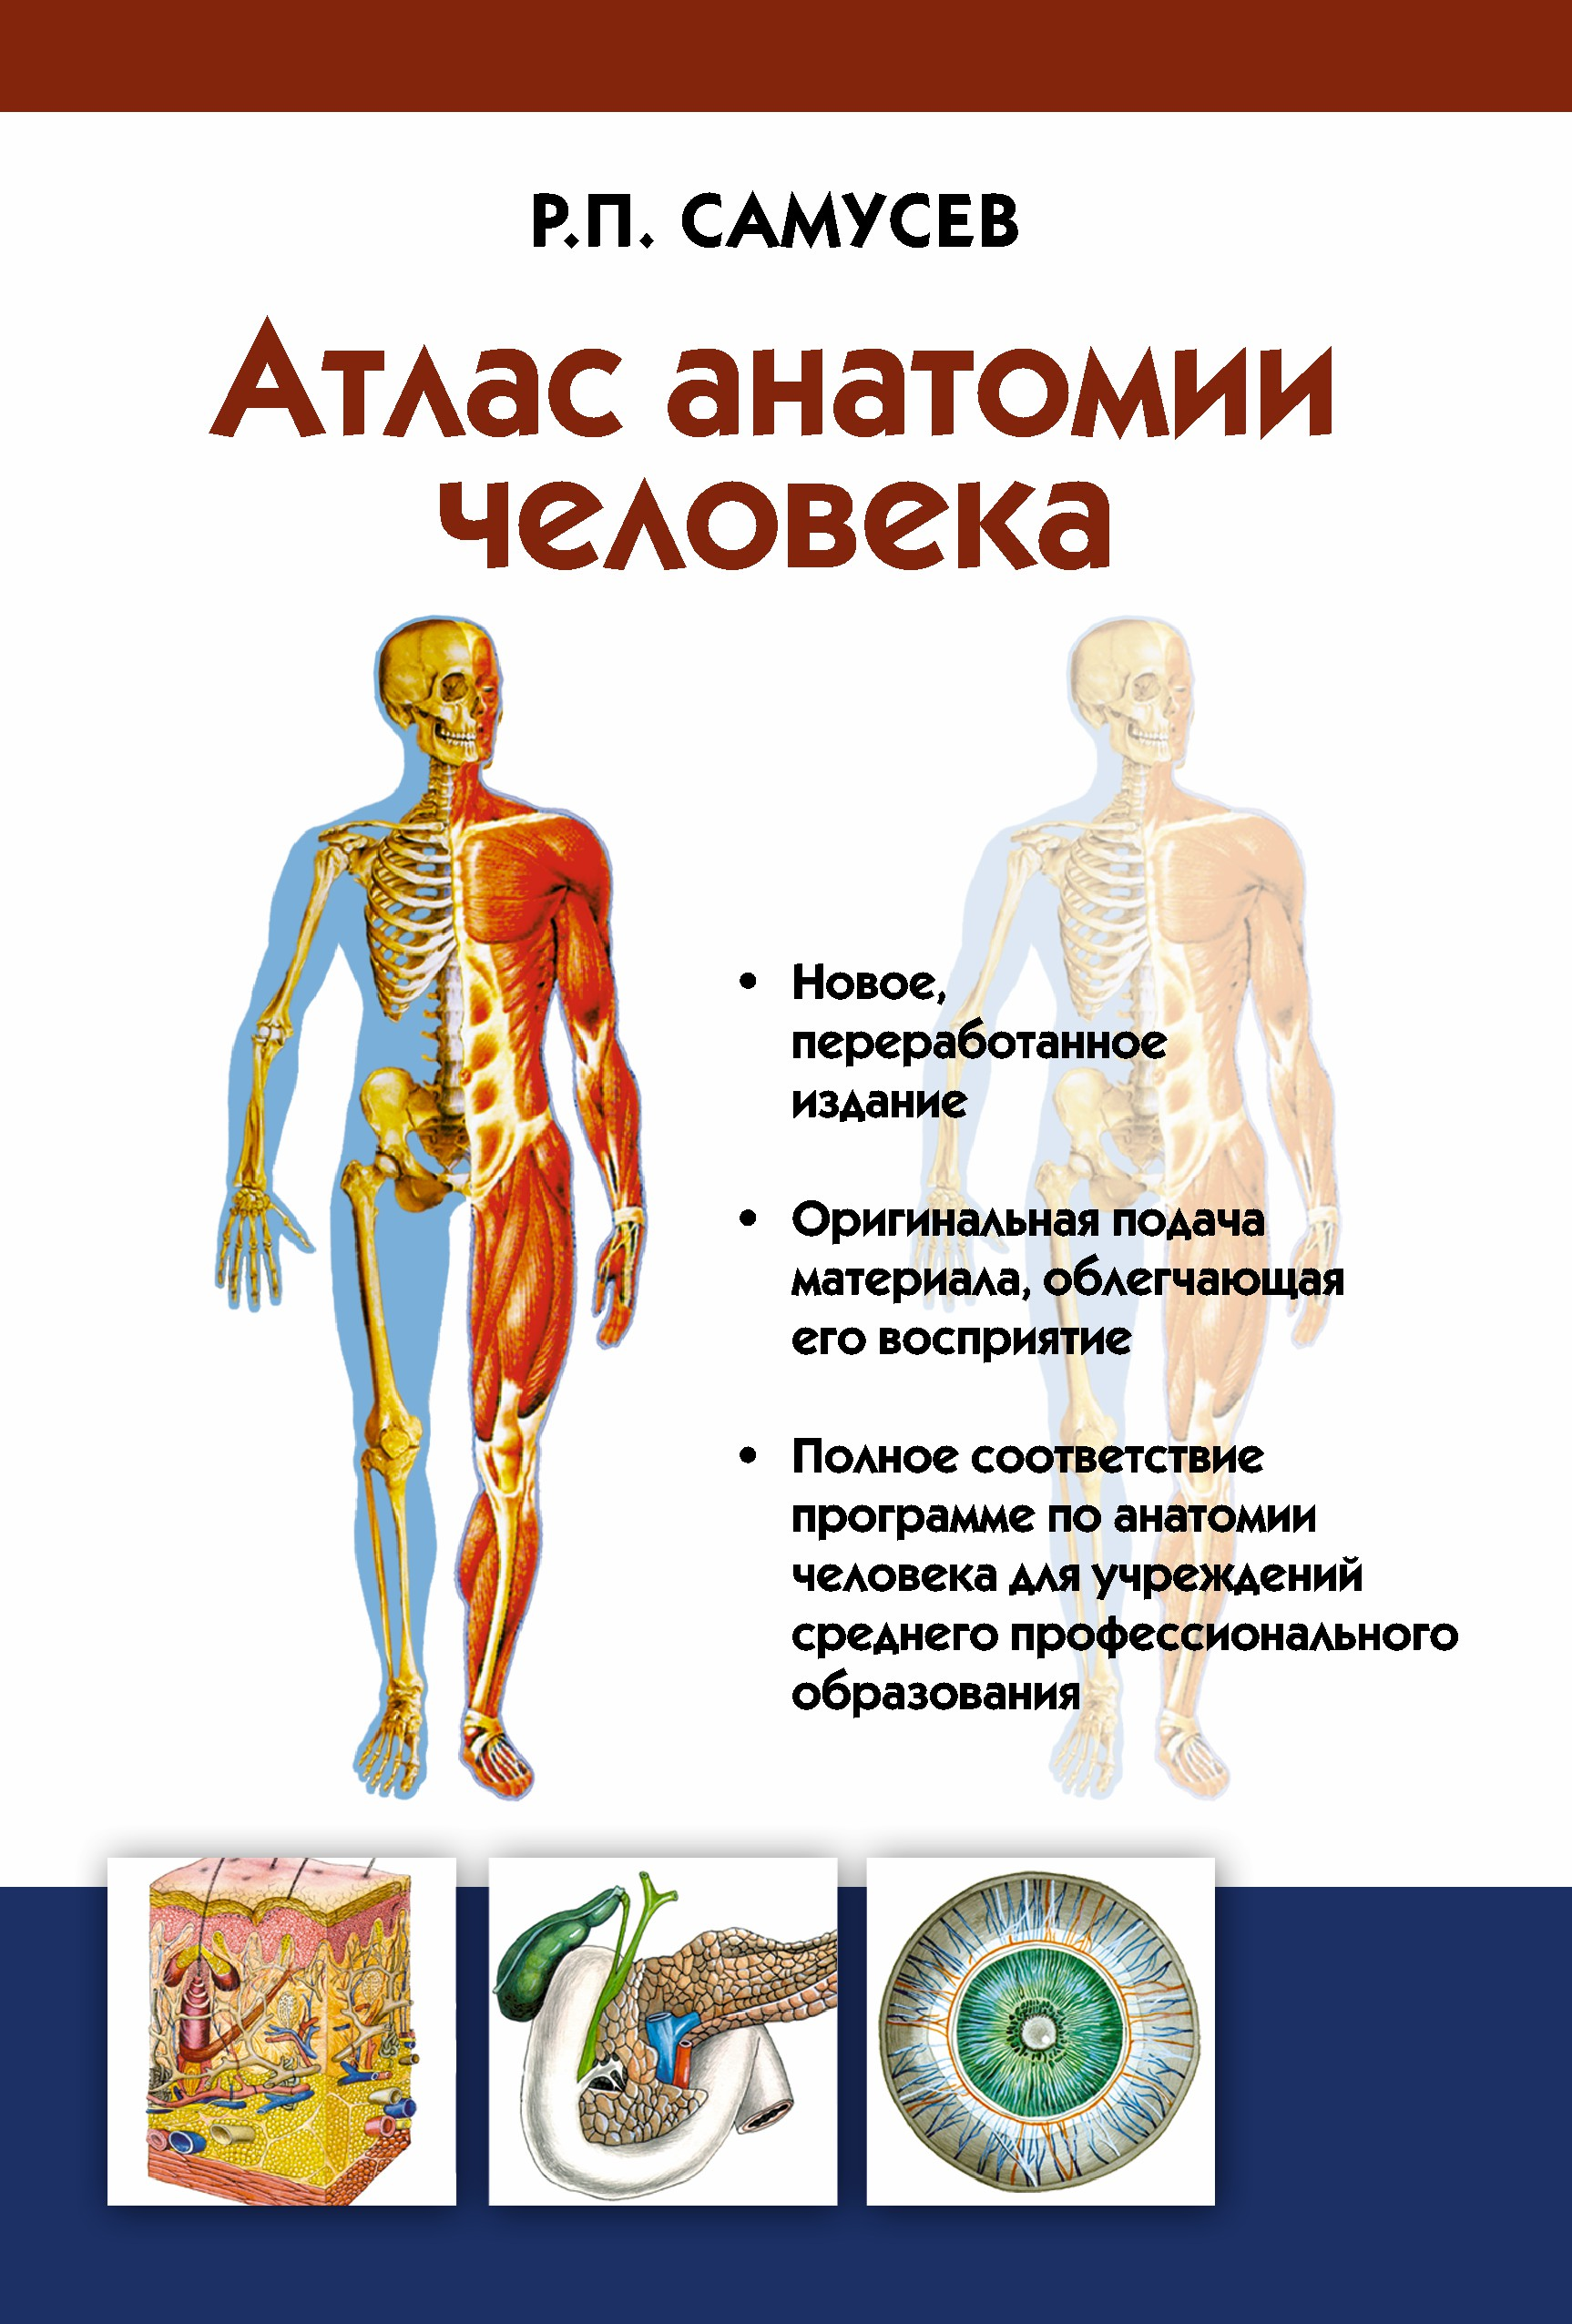 Самусев Р.П. Атлас анатомии человека. Учебное пособие для студентов учреждений среднего профессионального образования винсент перез большой атлас анатомии человека